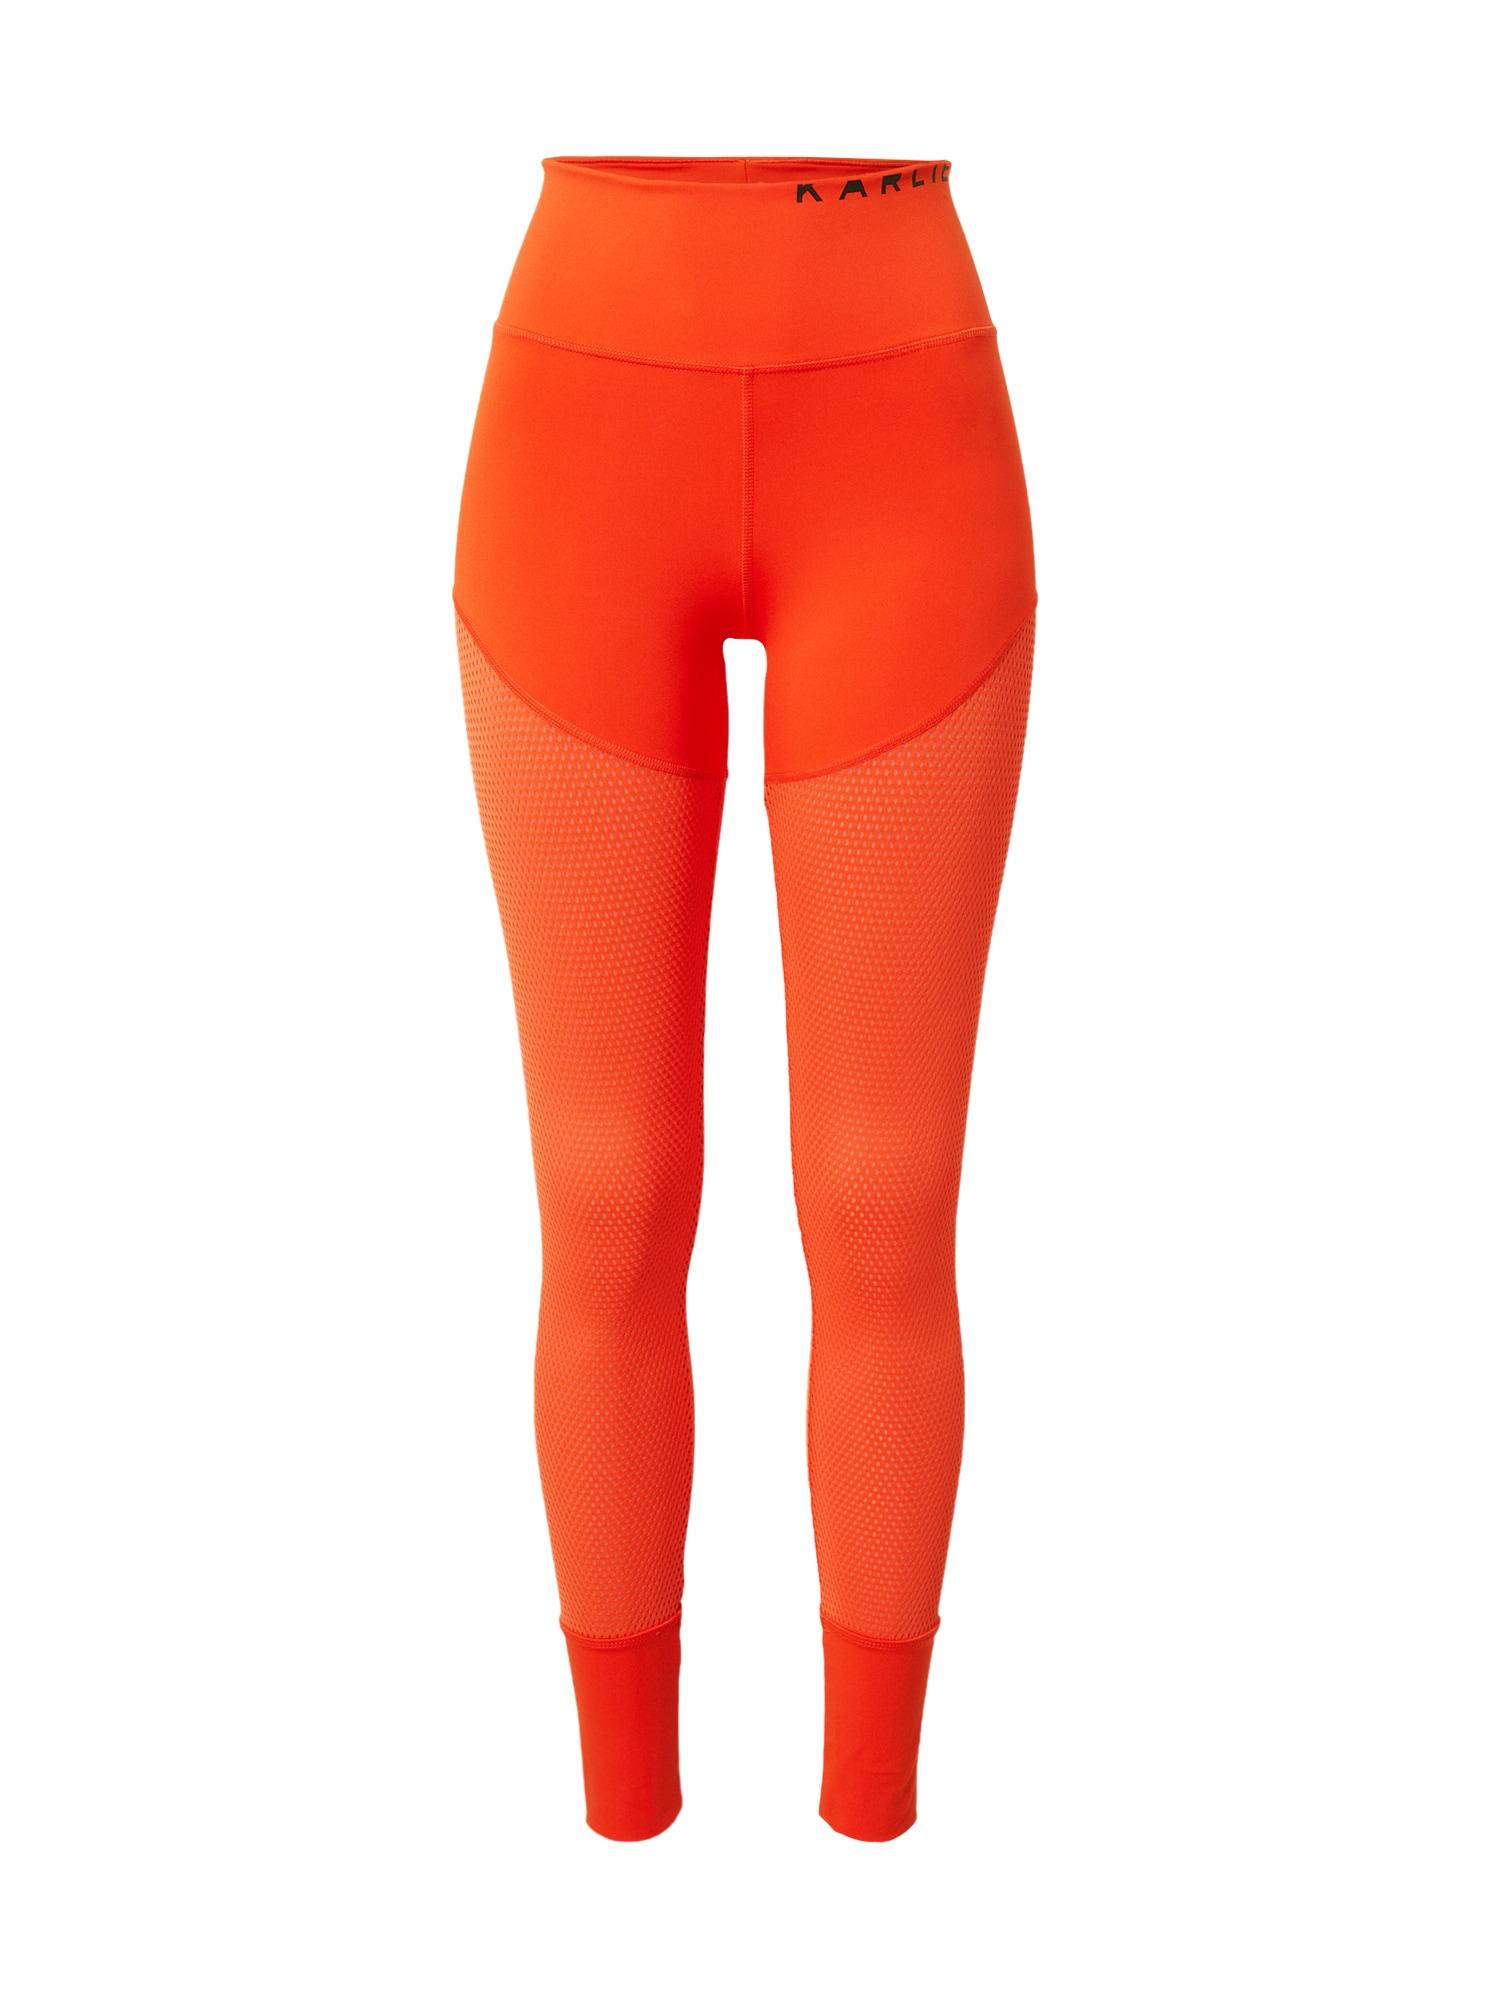 ADIDAS PERFORMANCE Sportinės kelnės oranžinė